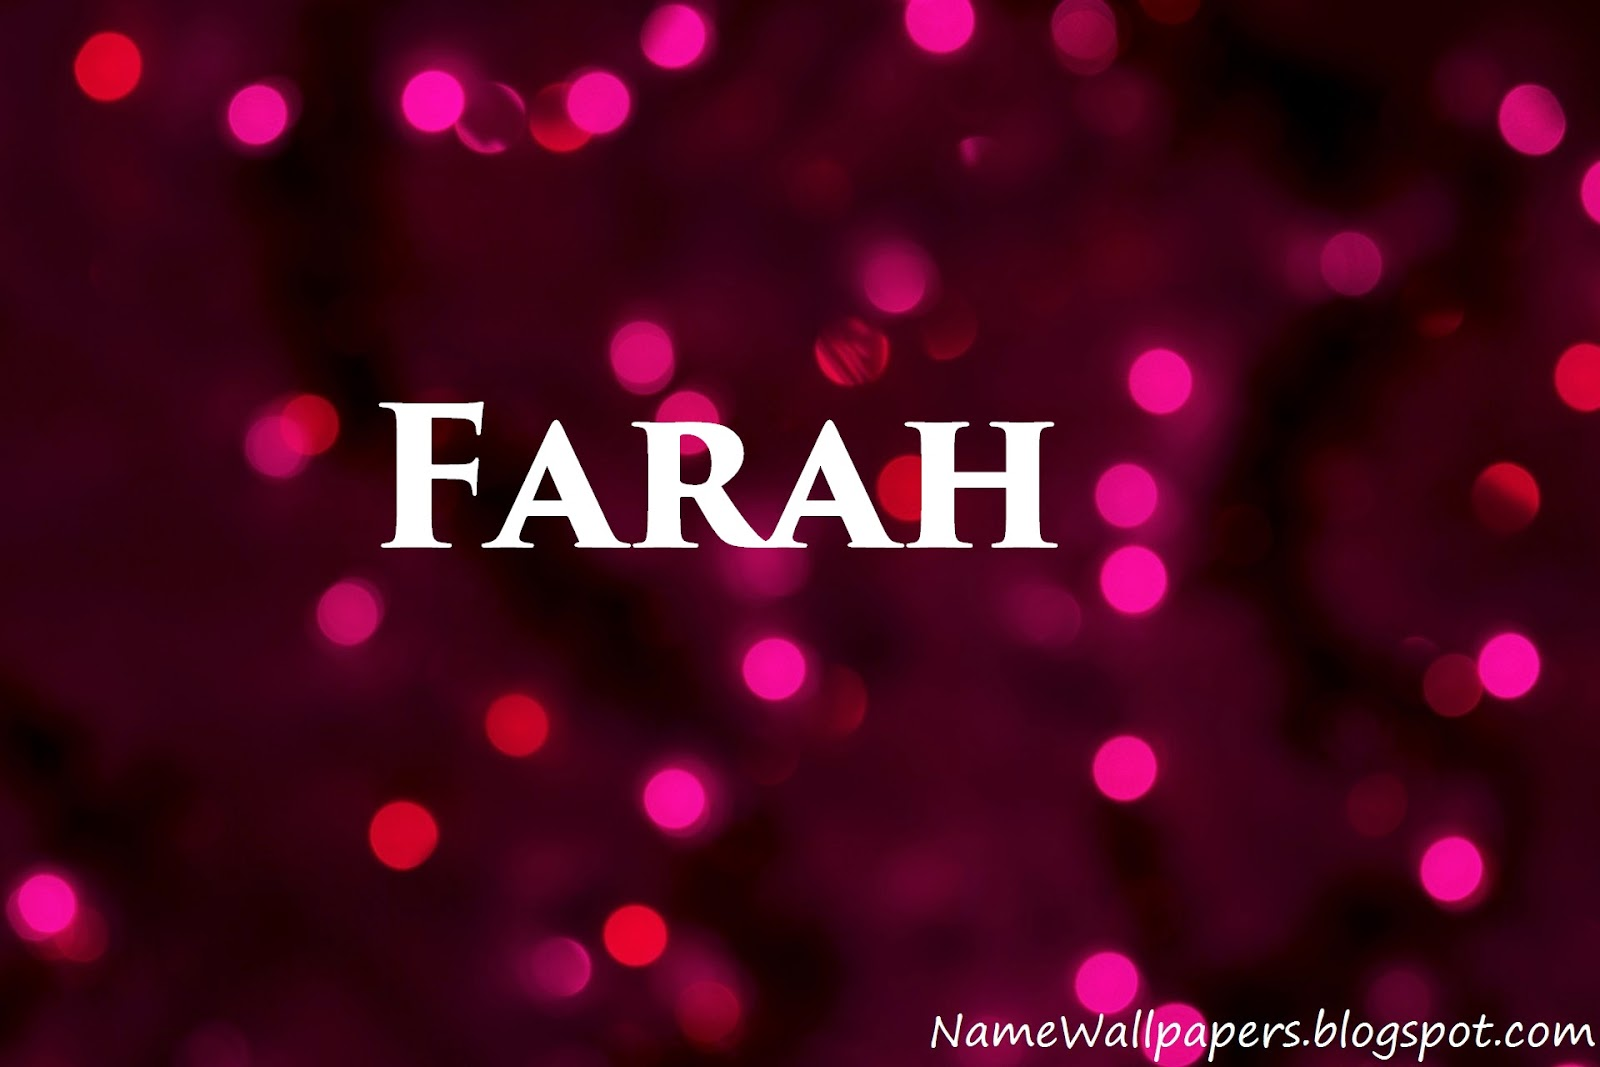 farah name wallpaper